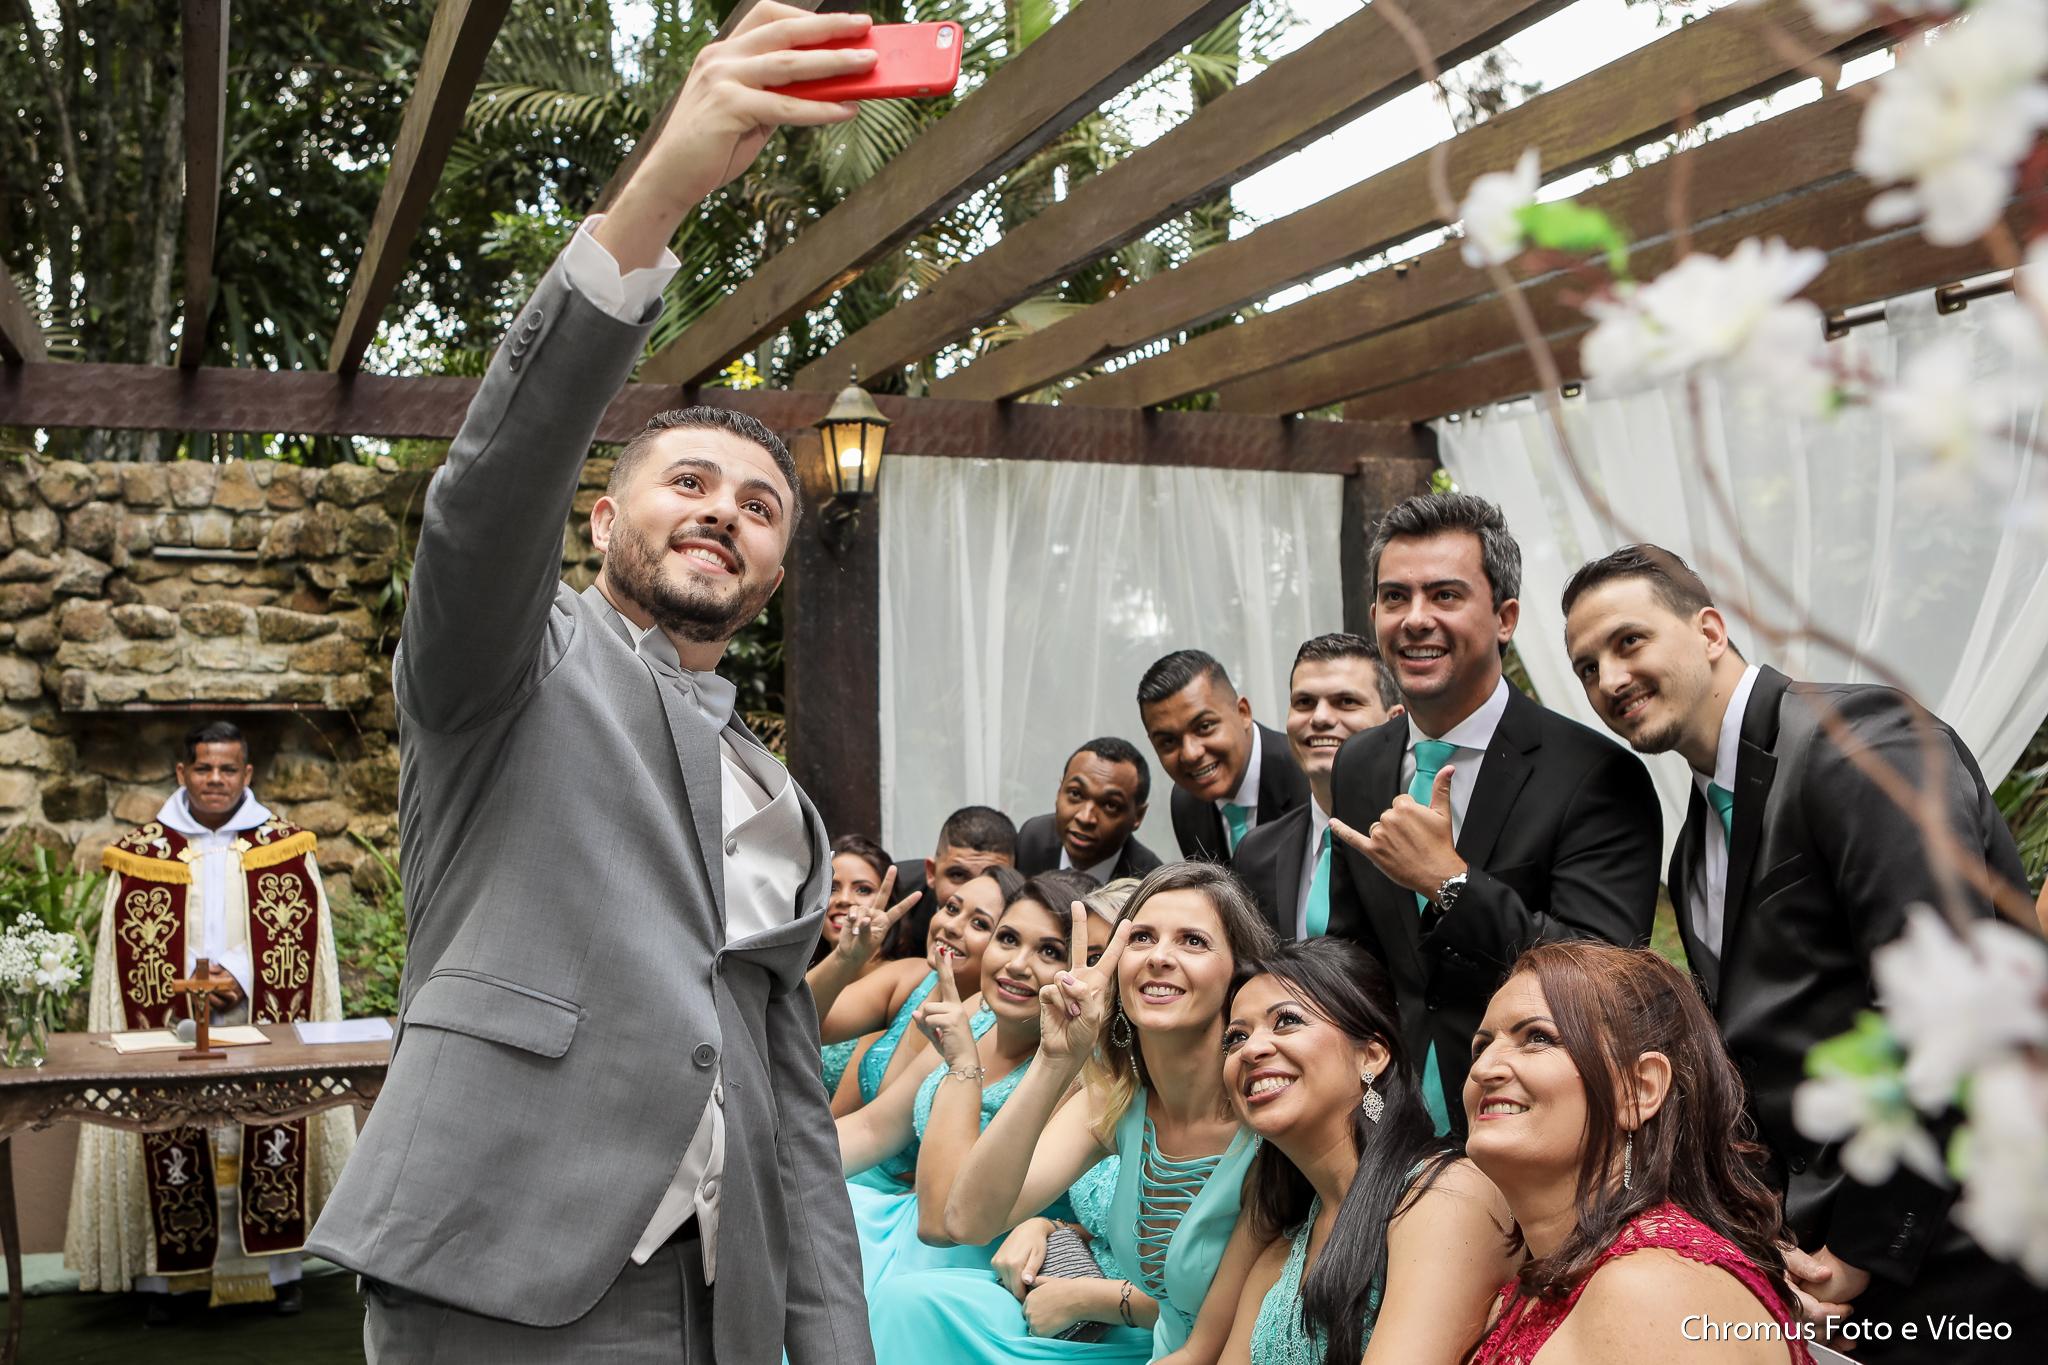 14-casamento-espaco-mazzetto-chacara-sitio-riacho-grande-sao-bernardo-sp-fotografo-chromus-foto-e-vi